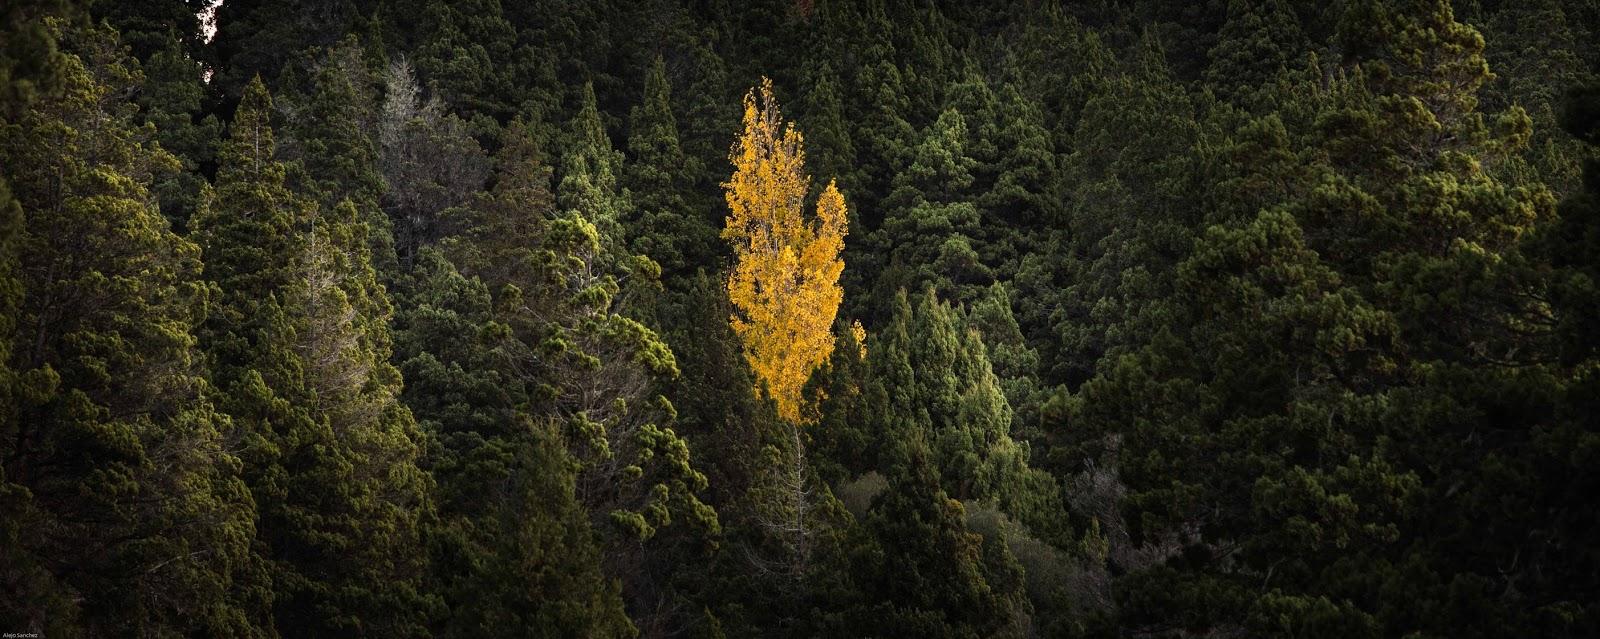 Patagonia Norte Safari Fotográfico y workshop por Alejo Sánchez, bosques patagónicos, photo travel, otoño, autumn, Parque Nacional Lanín, Patagonia Argentina